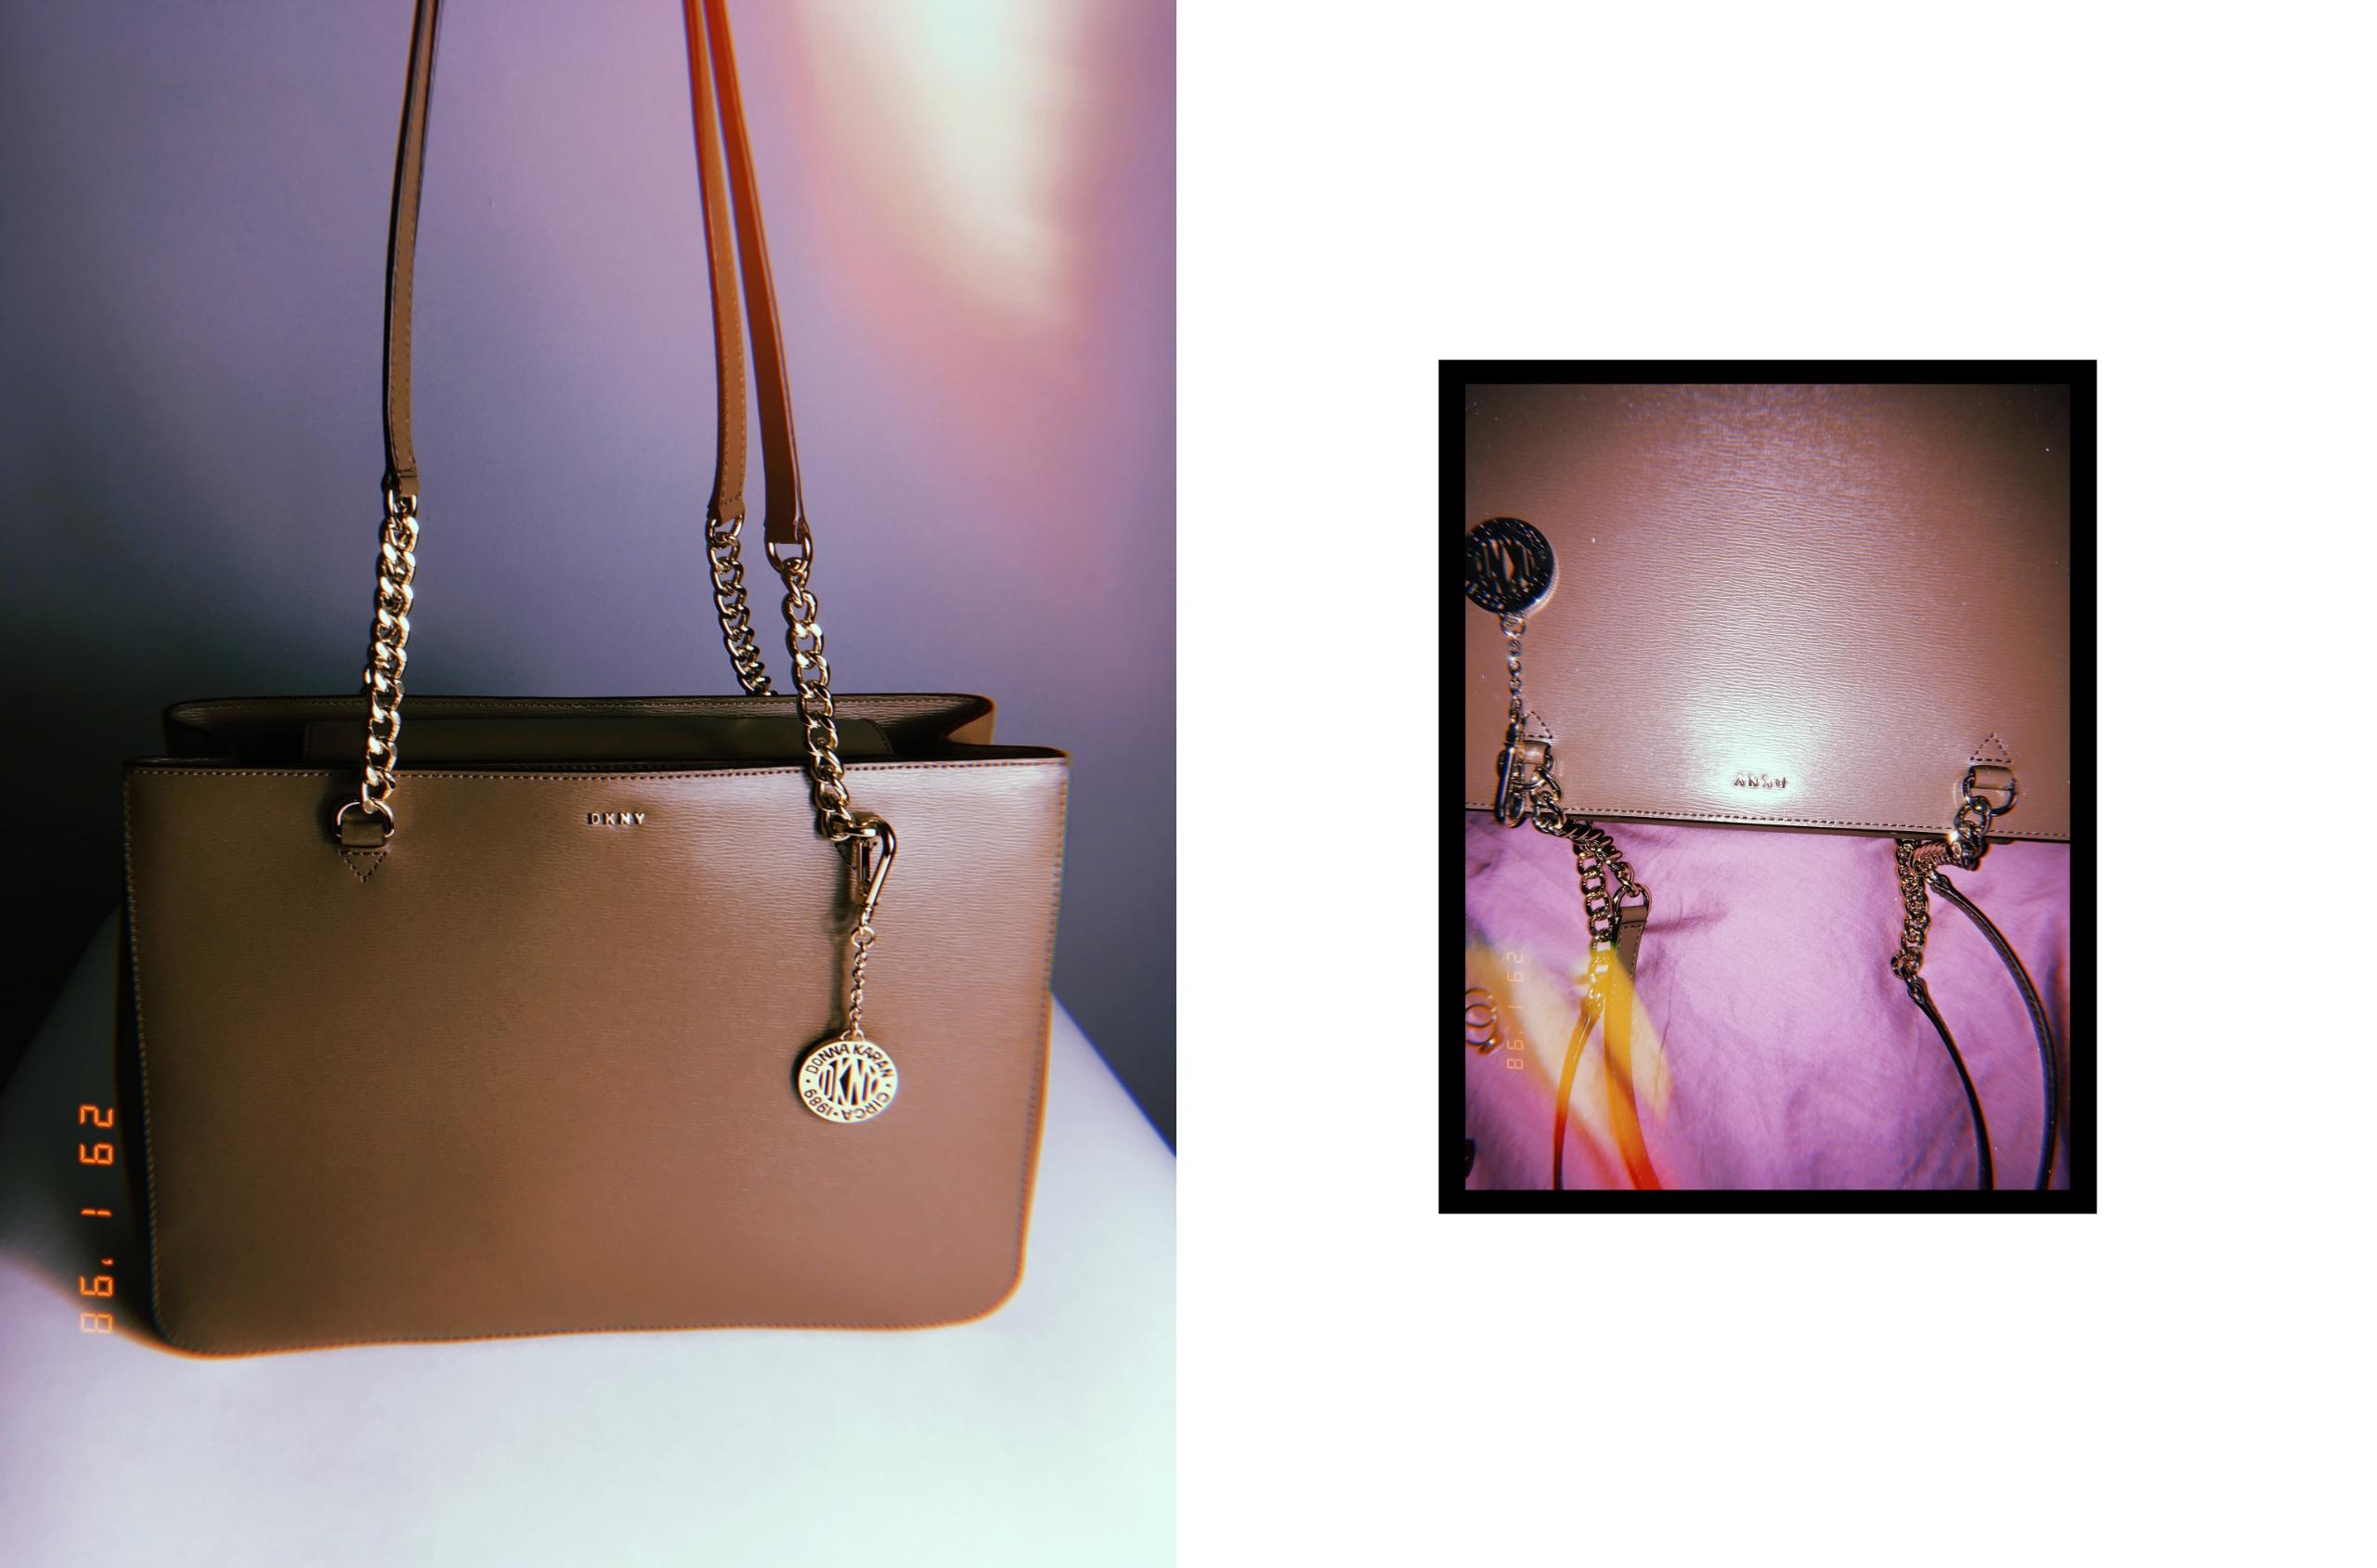 Obraz przedstawia dwa zdjęcia brązowej torebki. Jedno zdjęcie jest mniejsze i otoczone czarną ramką.